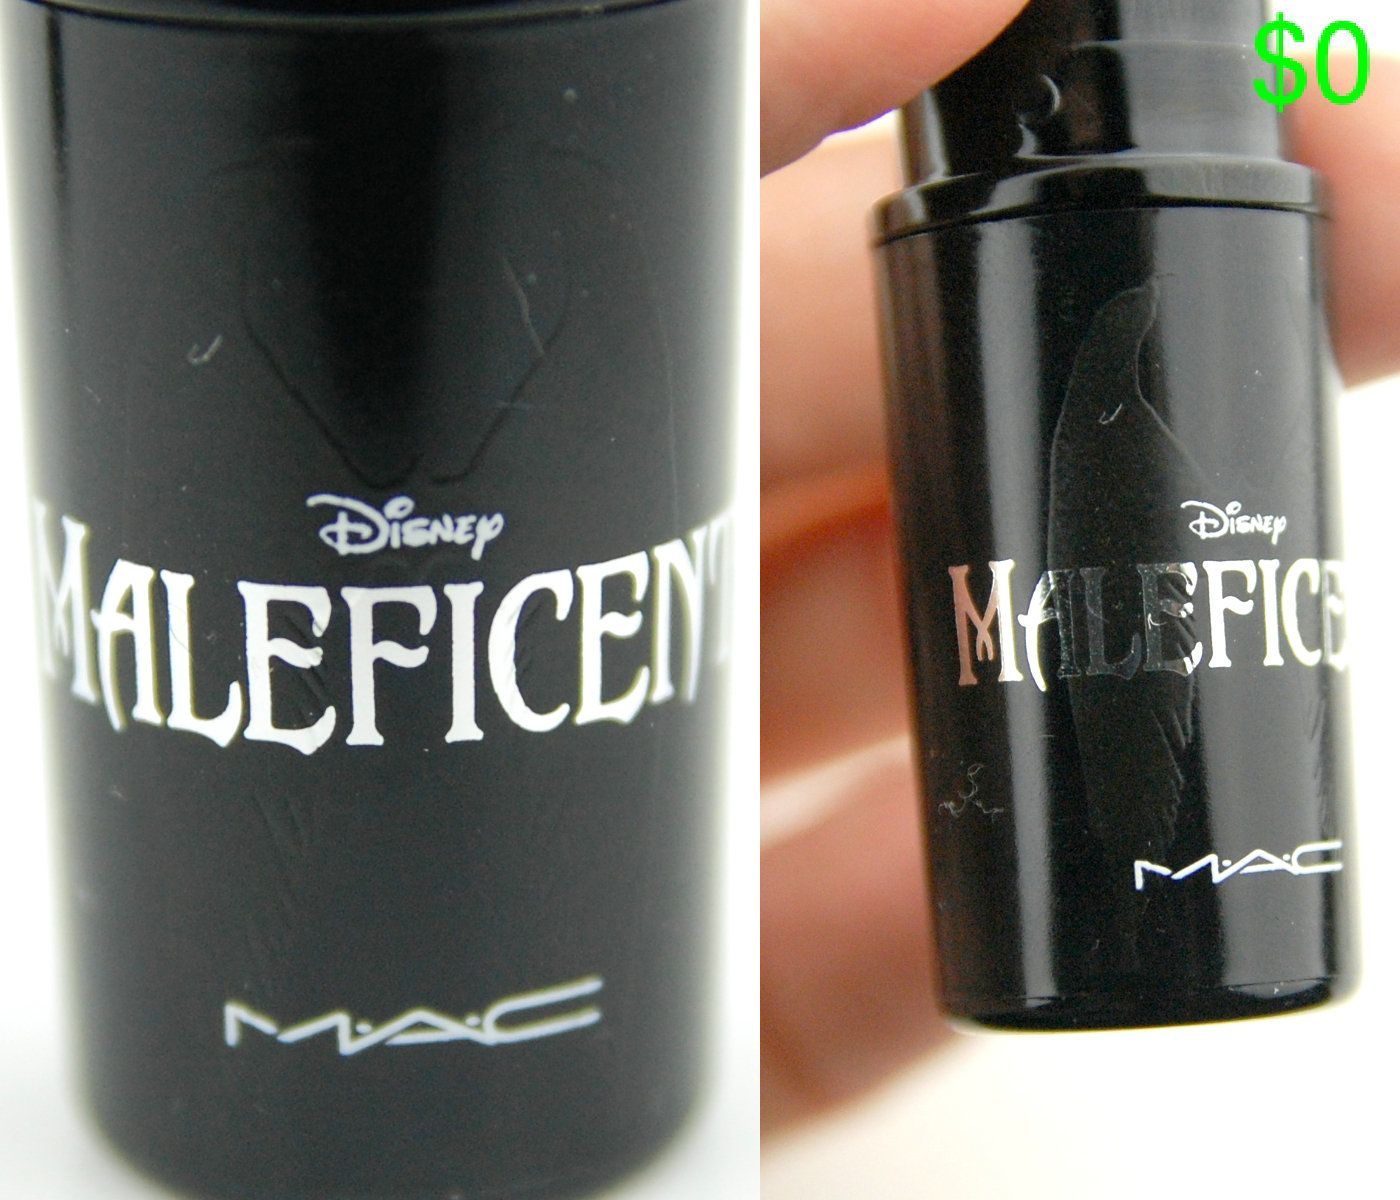 MAC Cosmetics Disney Maleficent Summer 2014 True Loves